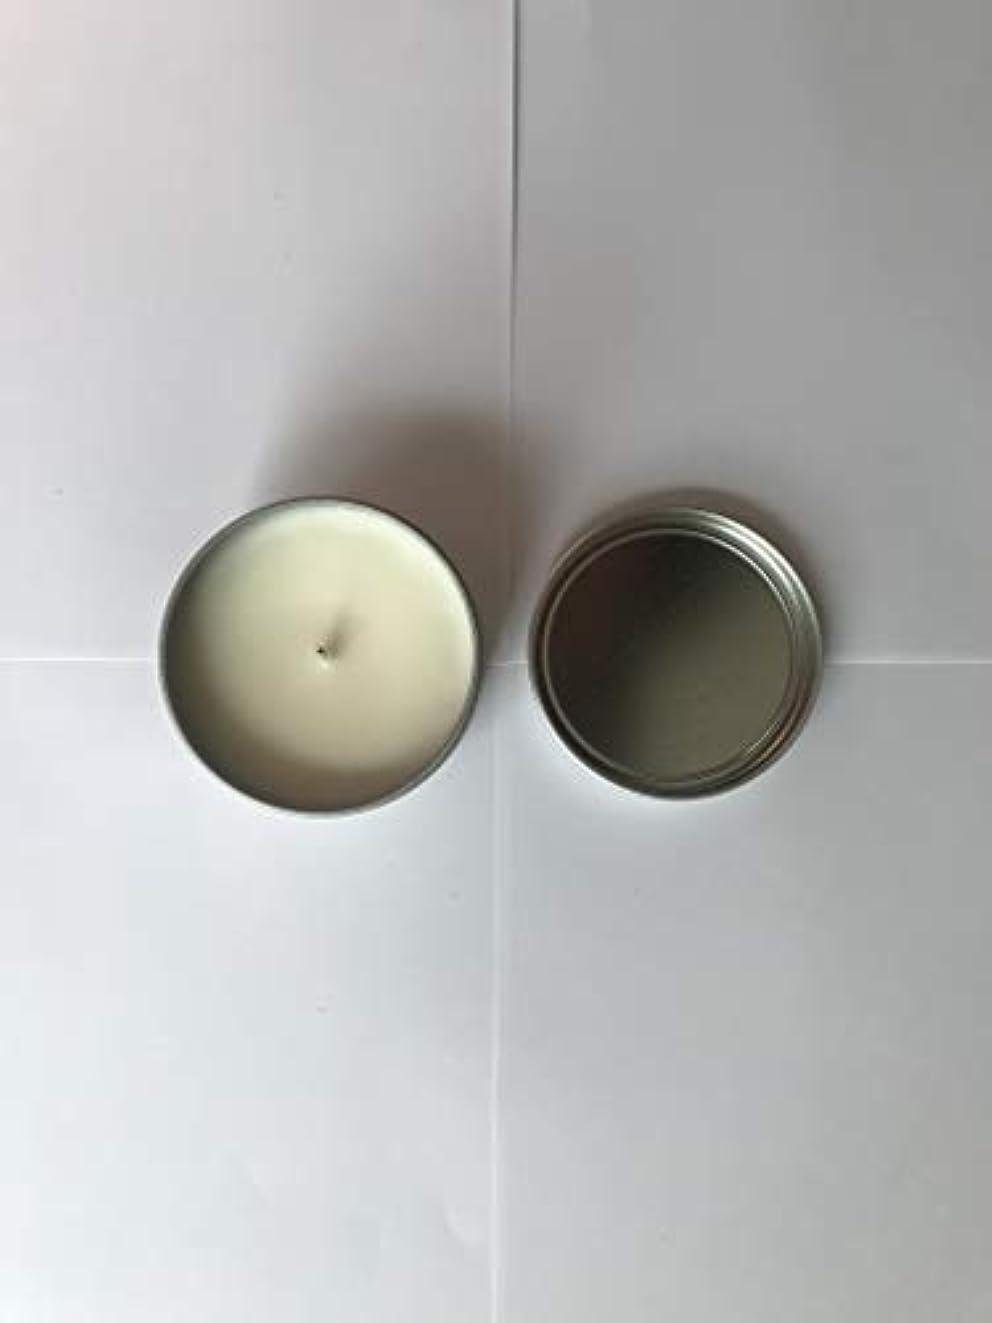 賞賛吸収する絶滅したTrader Joe's ハニークリスプ アップル 香り付き キャンドル 162g